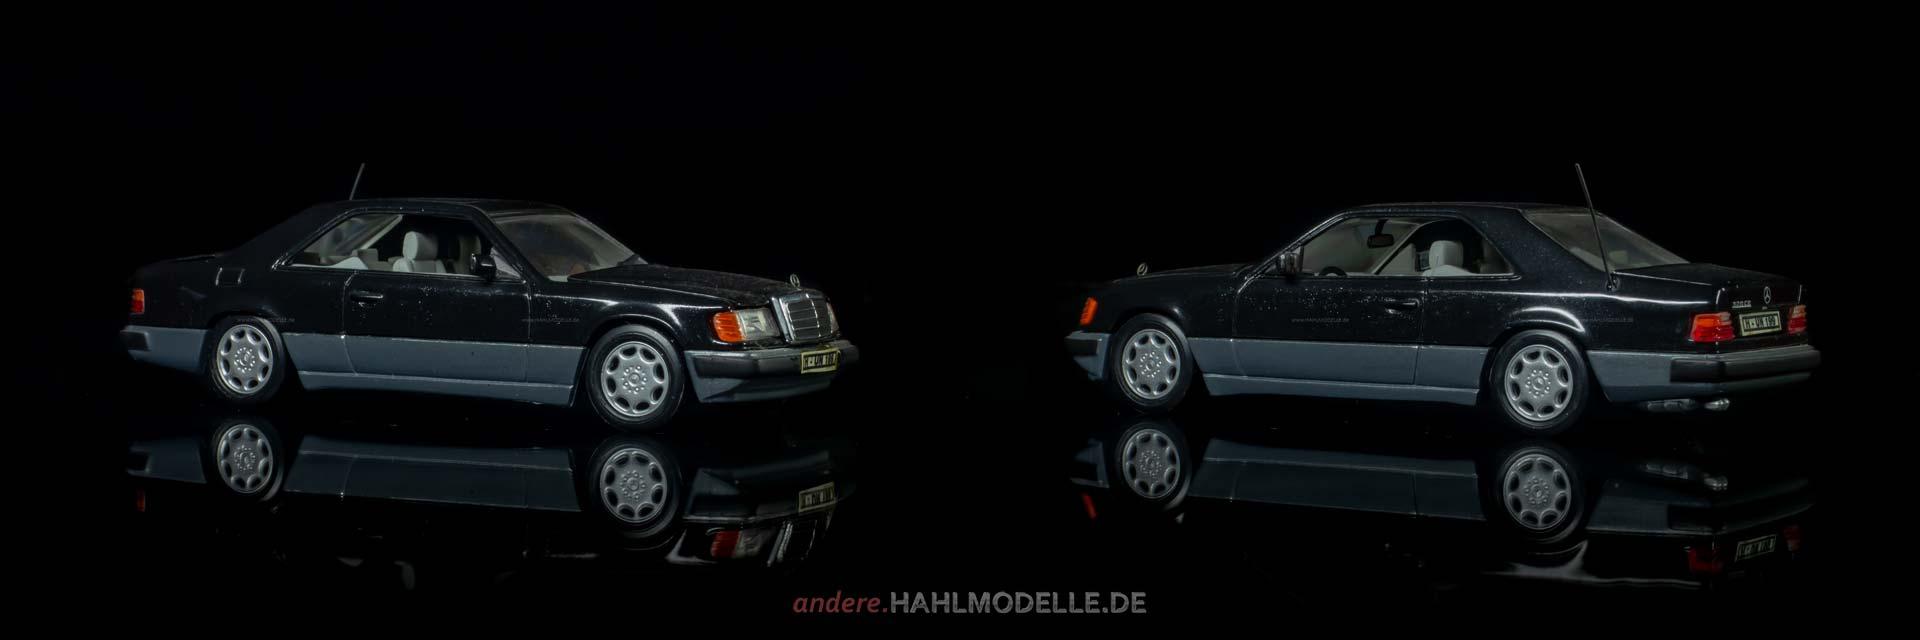 Mercedes-Benz 320 CE (W 124 | Coupé | Minichamps | www.andere.hahlmodelle.de